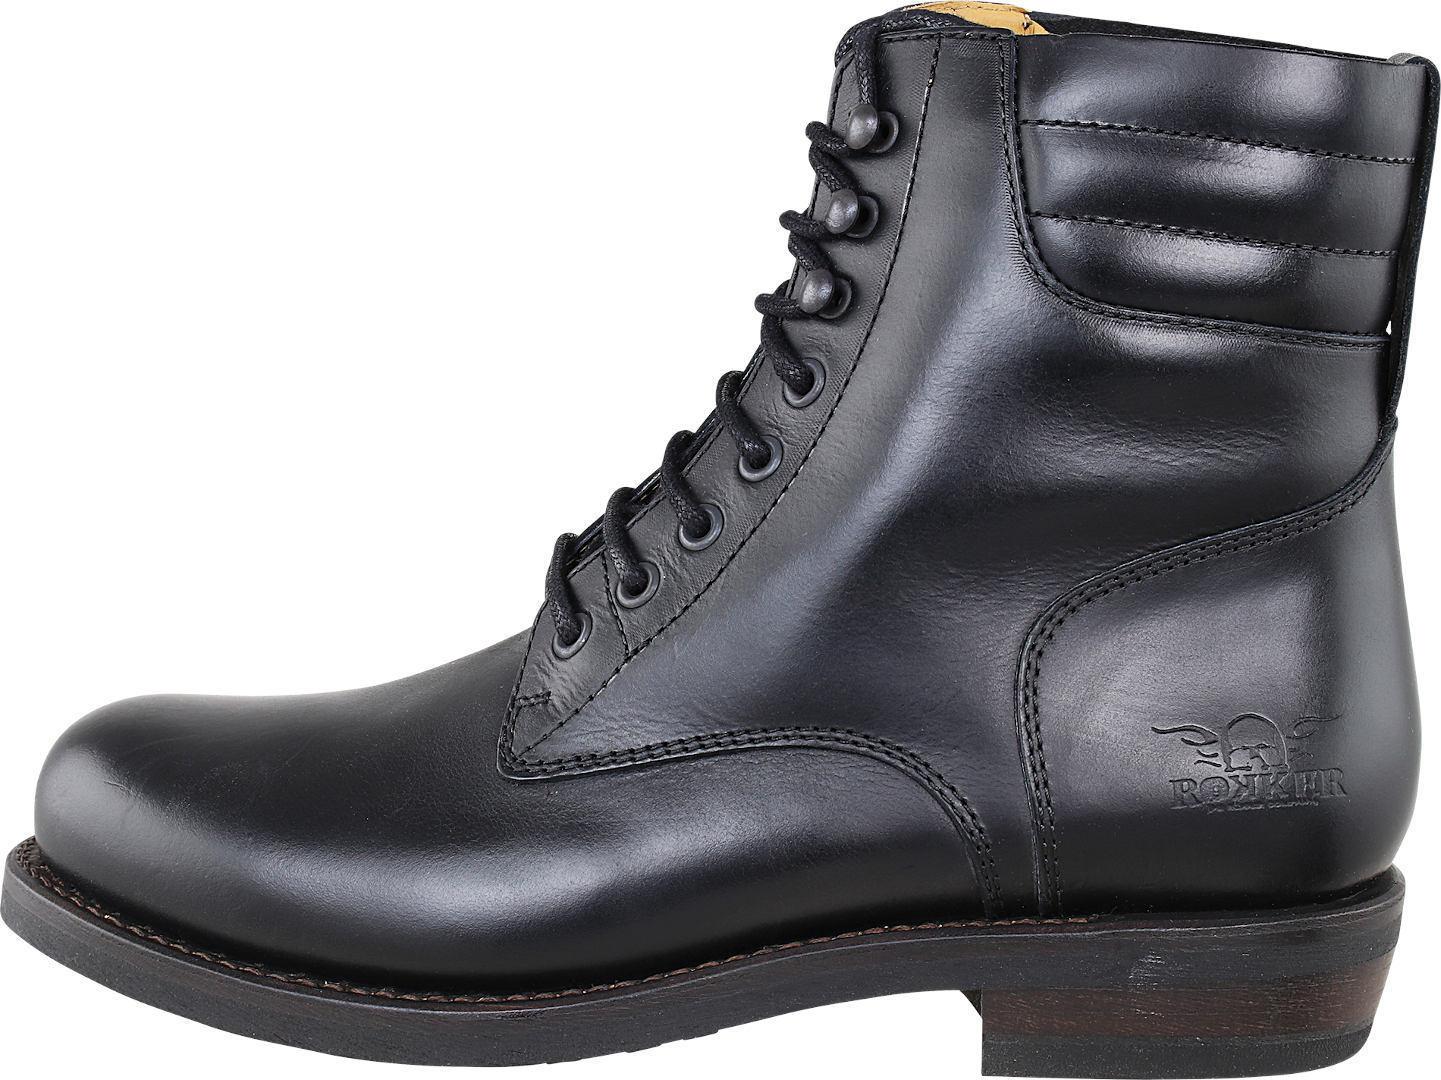 Rokker Boot Collection Frisco Racer 8 Motorradstiefel, schwarz, Größe 46, schwarz, Größe 46